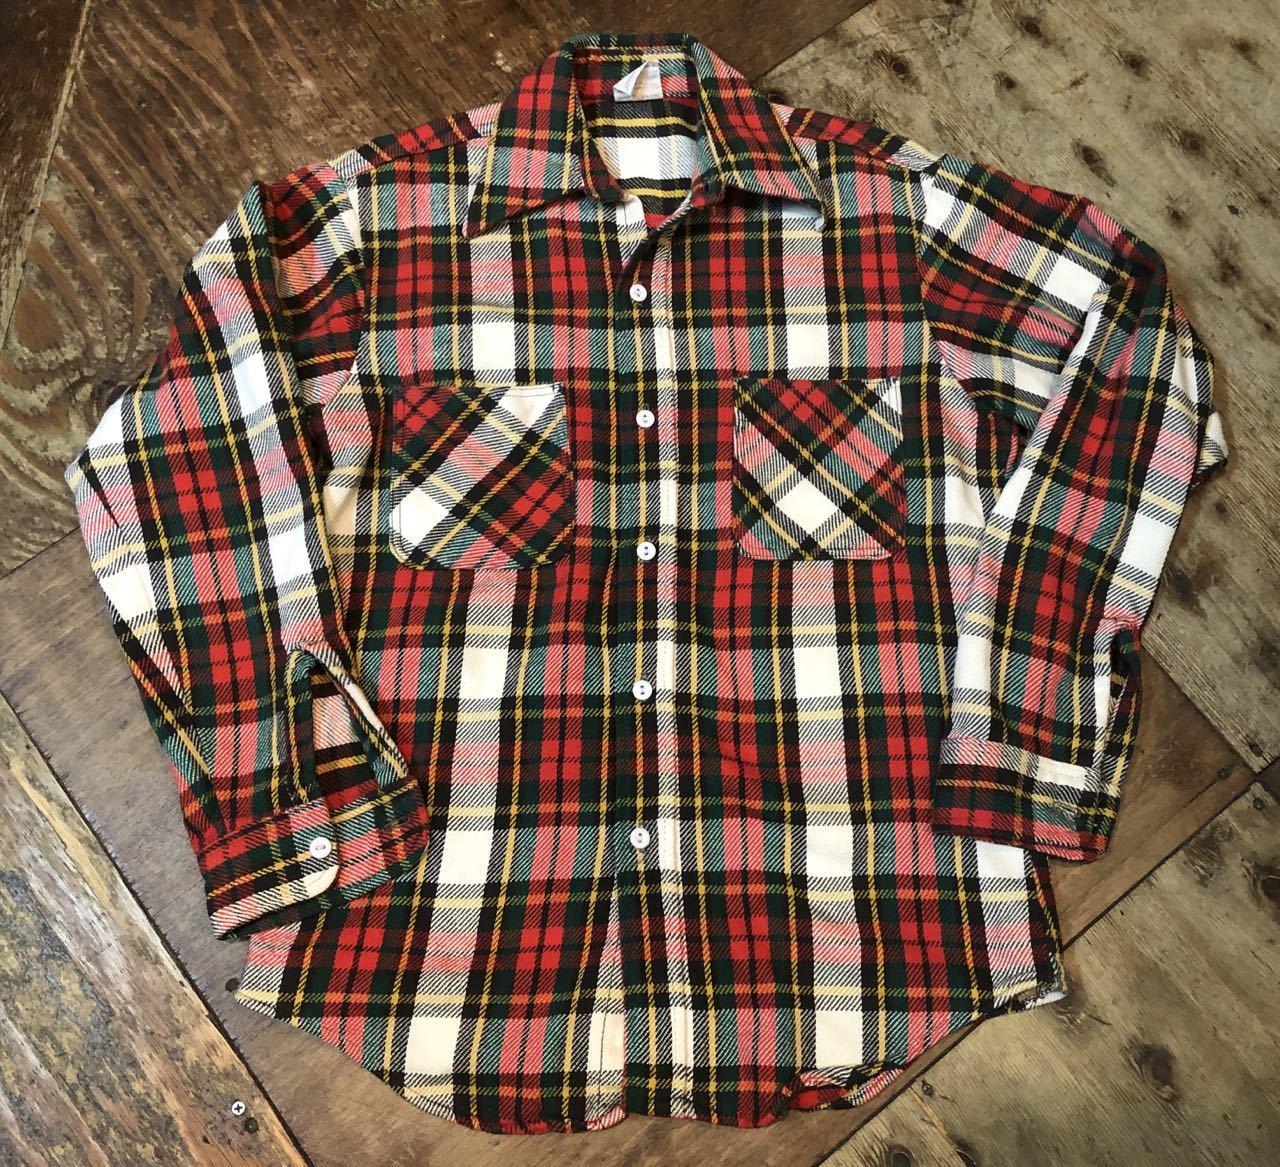 10/5(土)入荷!70s BIG MAC ネルシャツ サイズS _c0144020_16494840.jpg